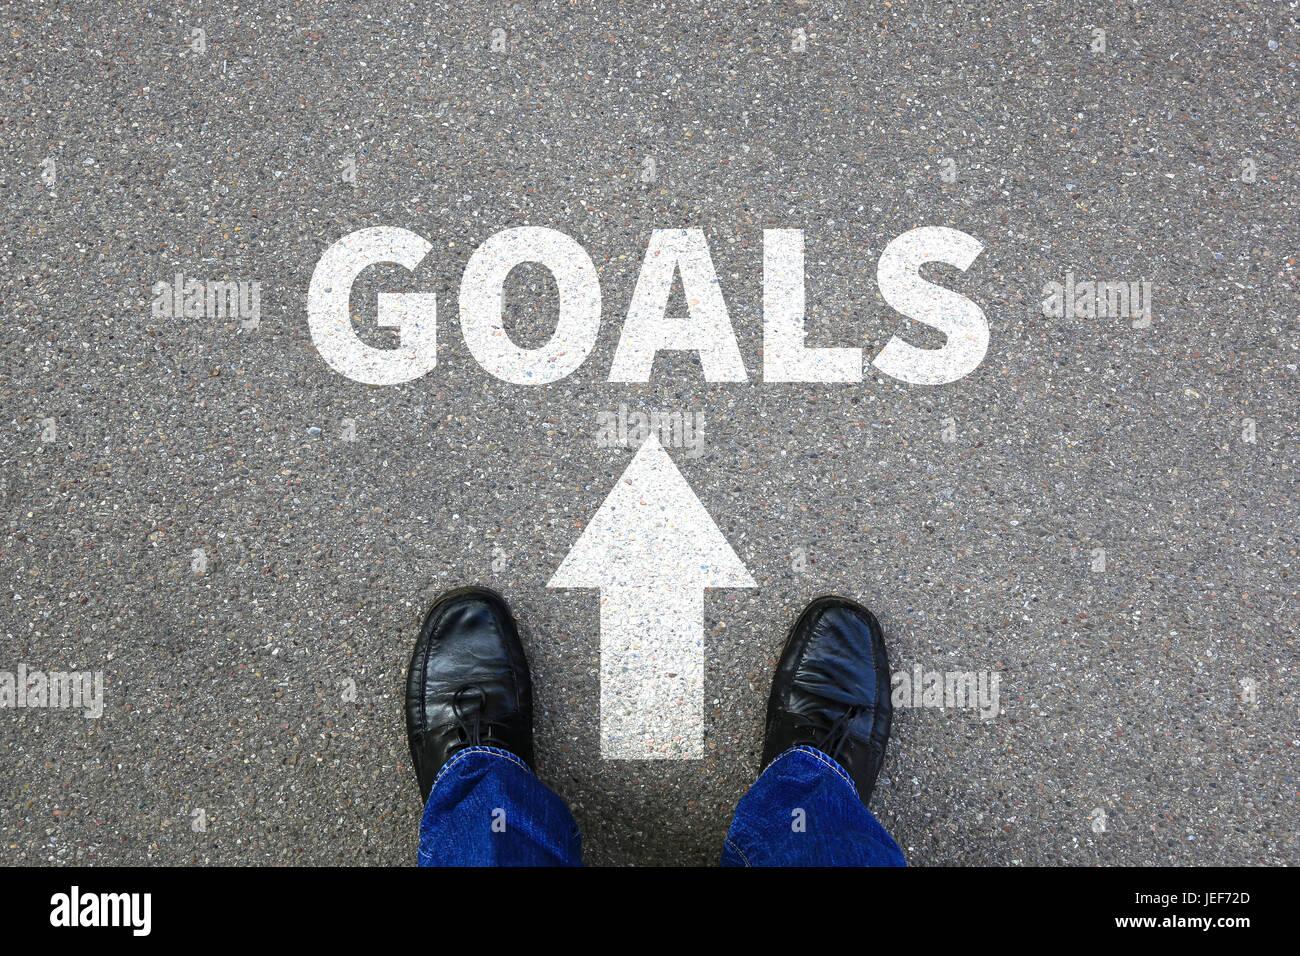 Objectifs Objectif Création de nouvelles aspirations de réussite future stratégie d'affaires Photo Stock